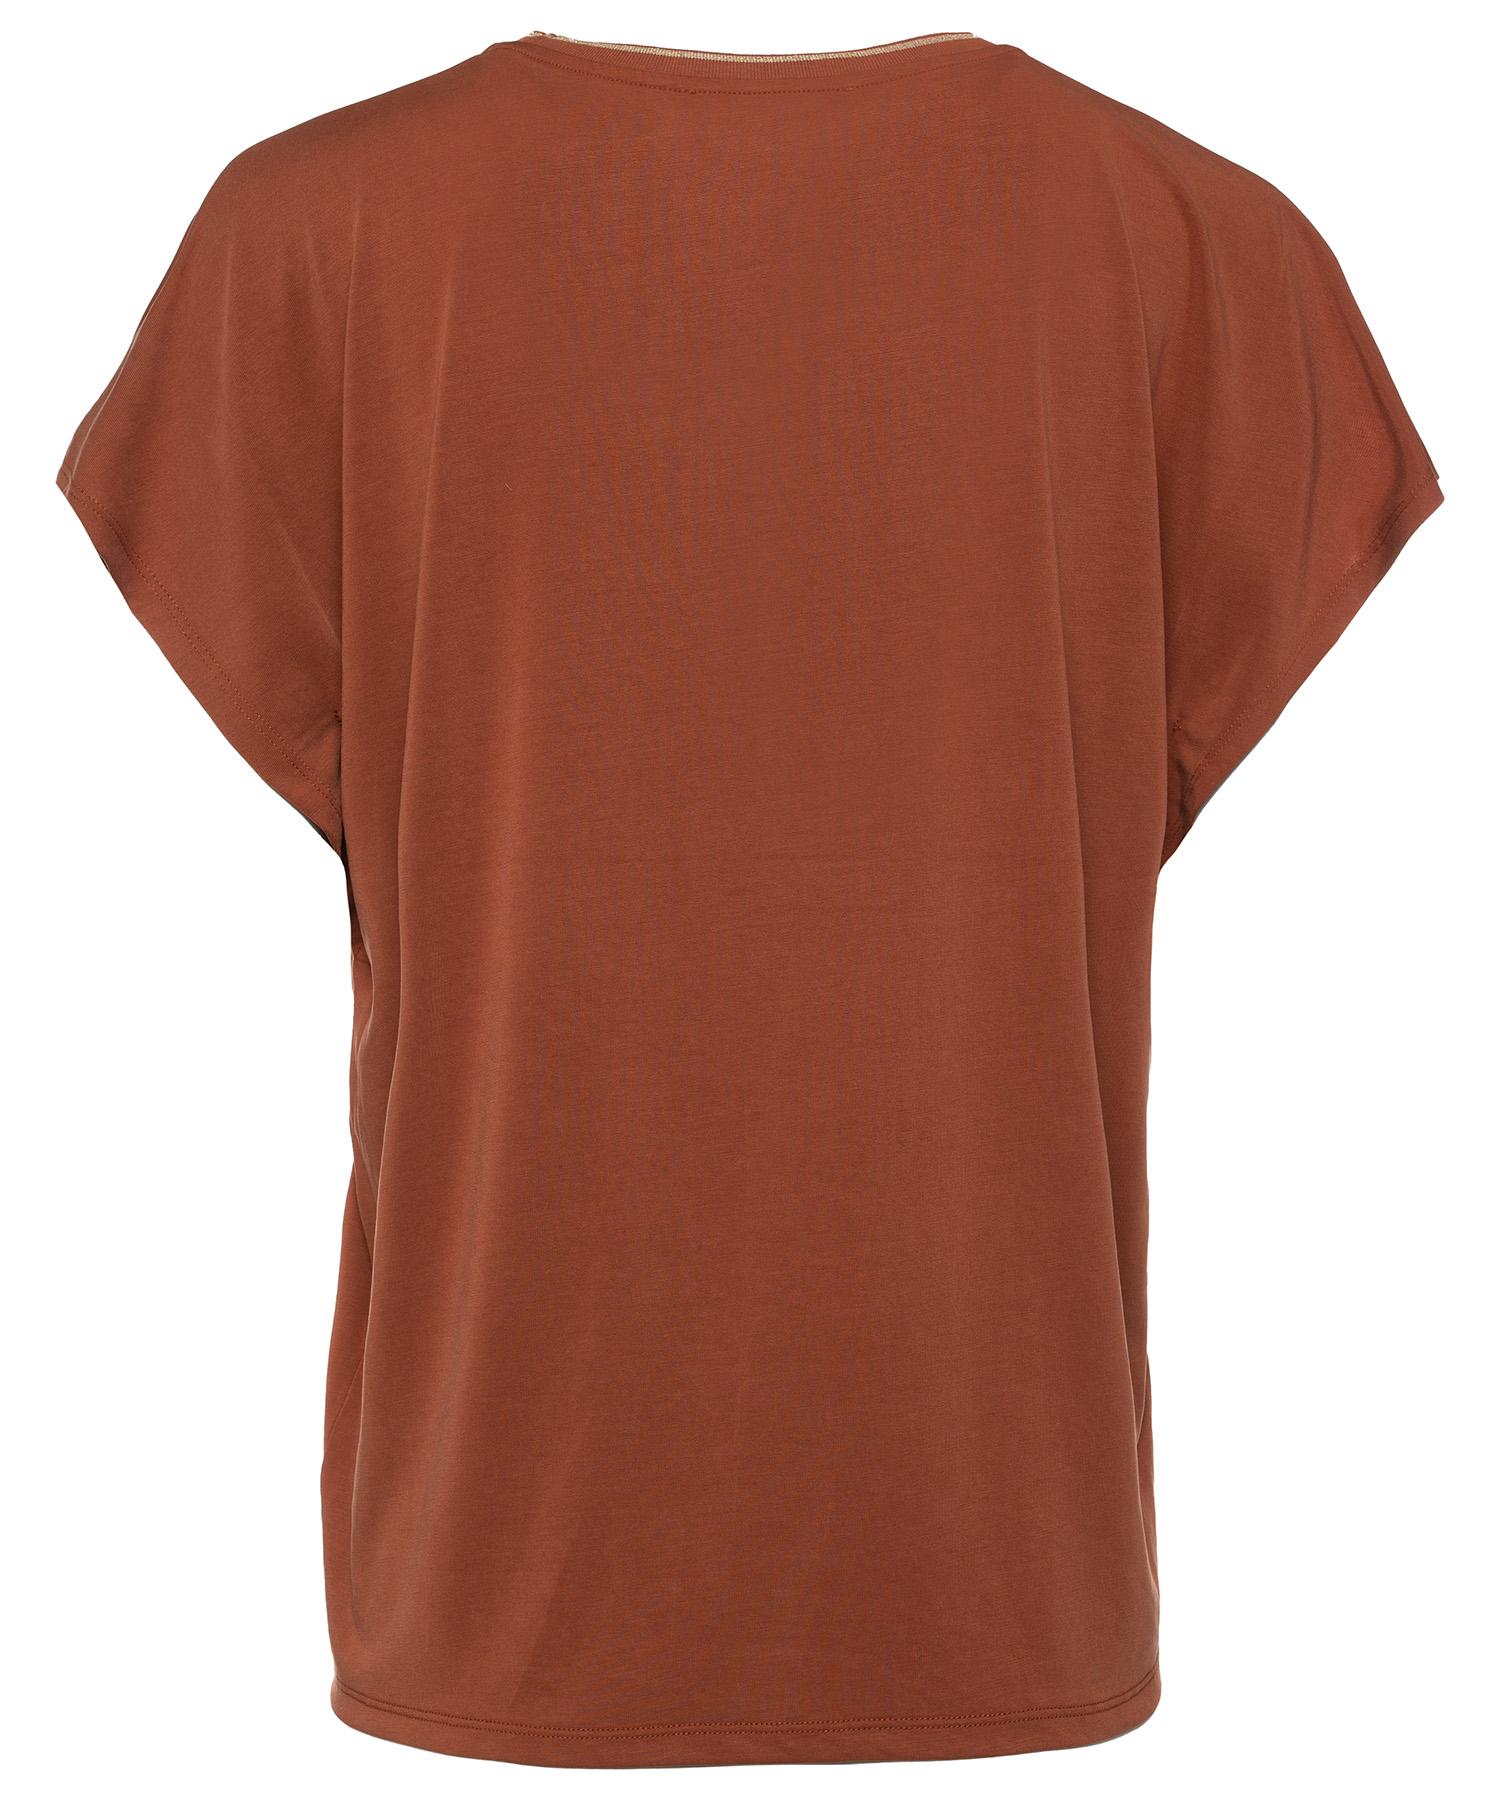 Oui shirt modal